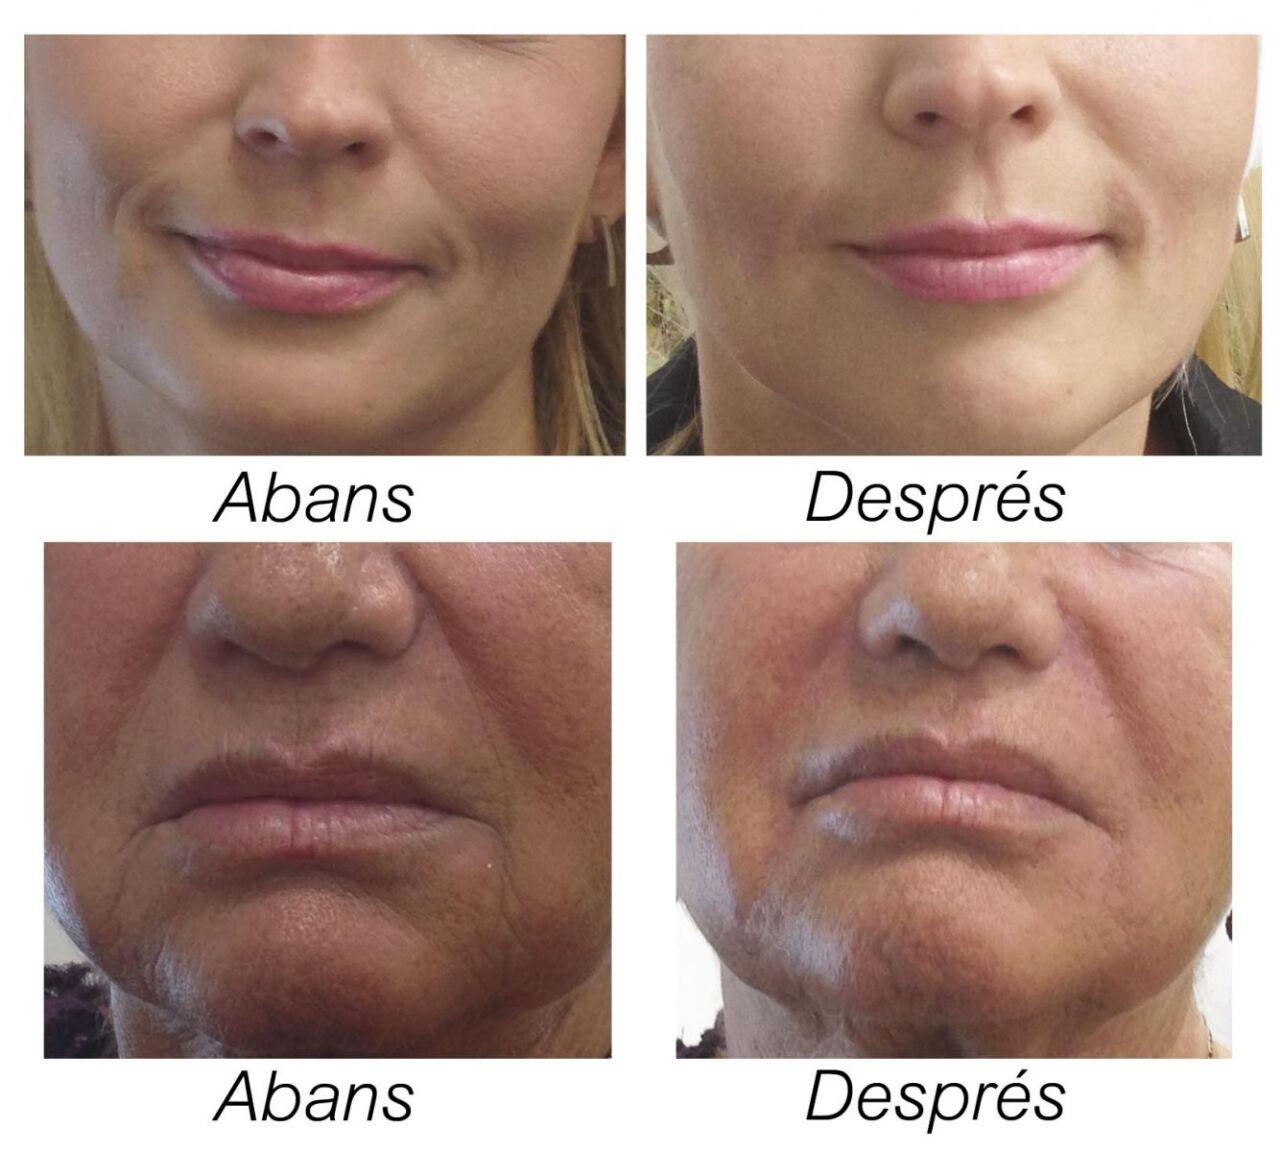 Abans i després del tractament amb àcid hialurònic